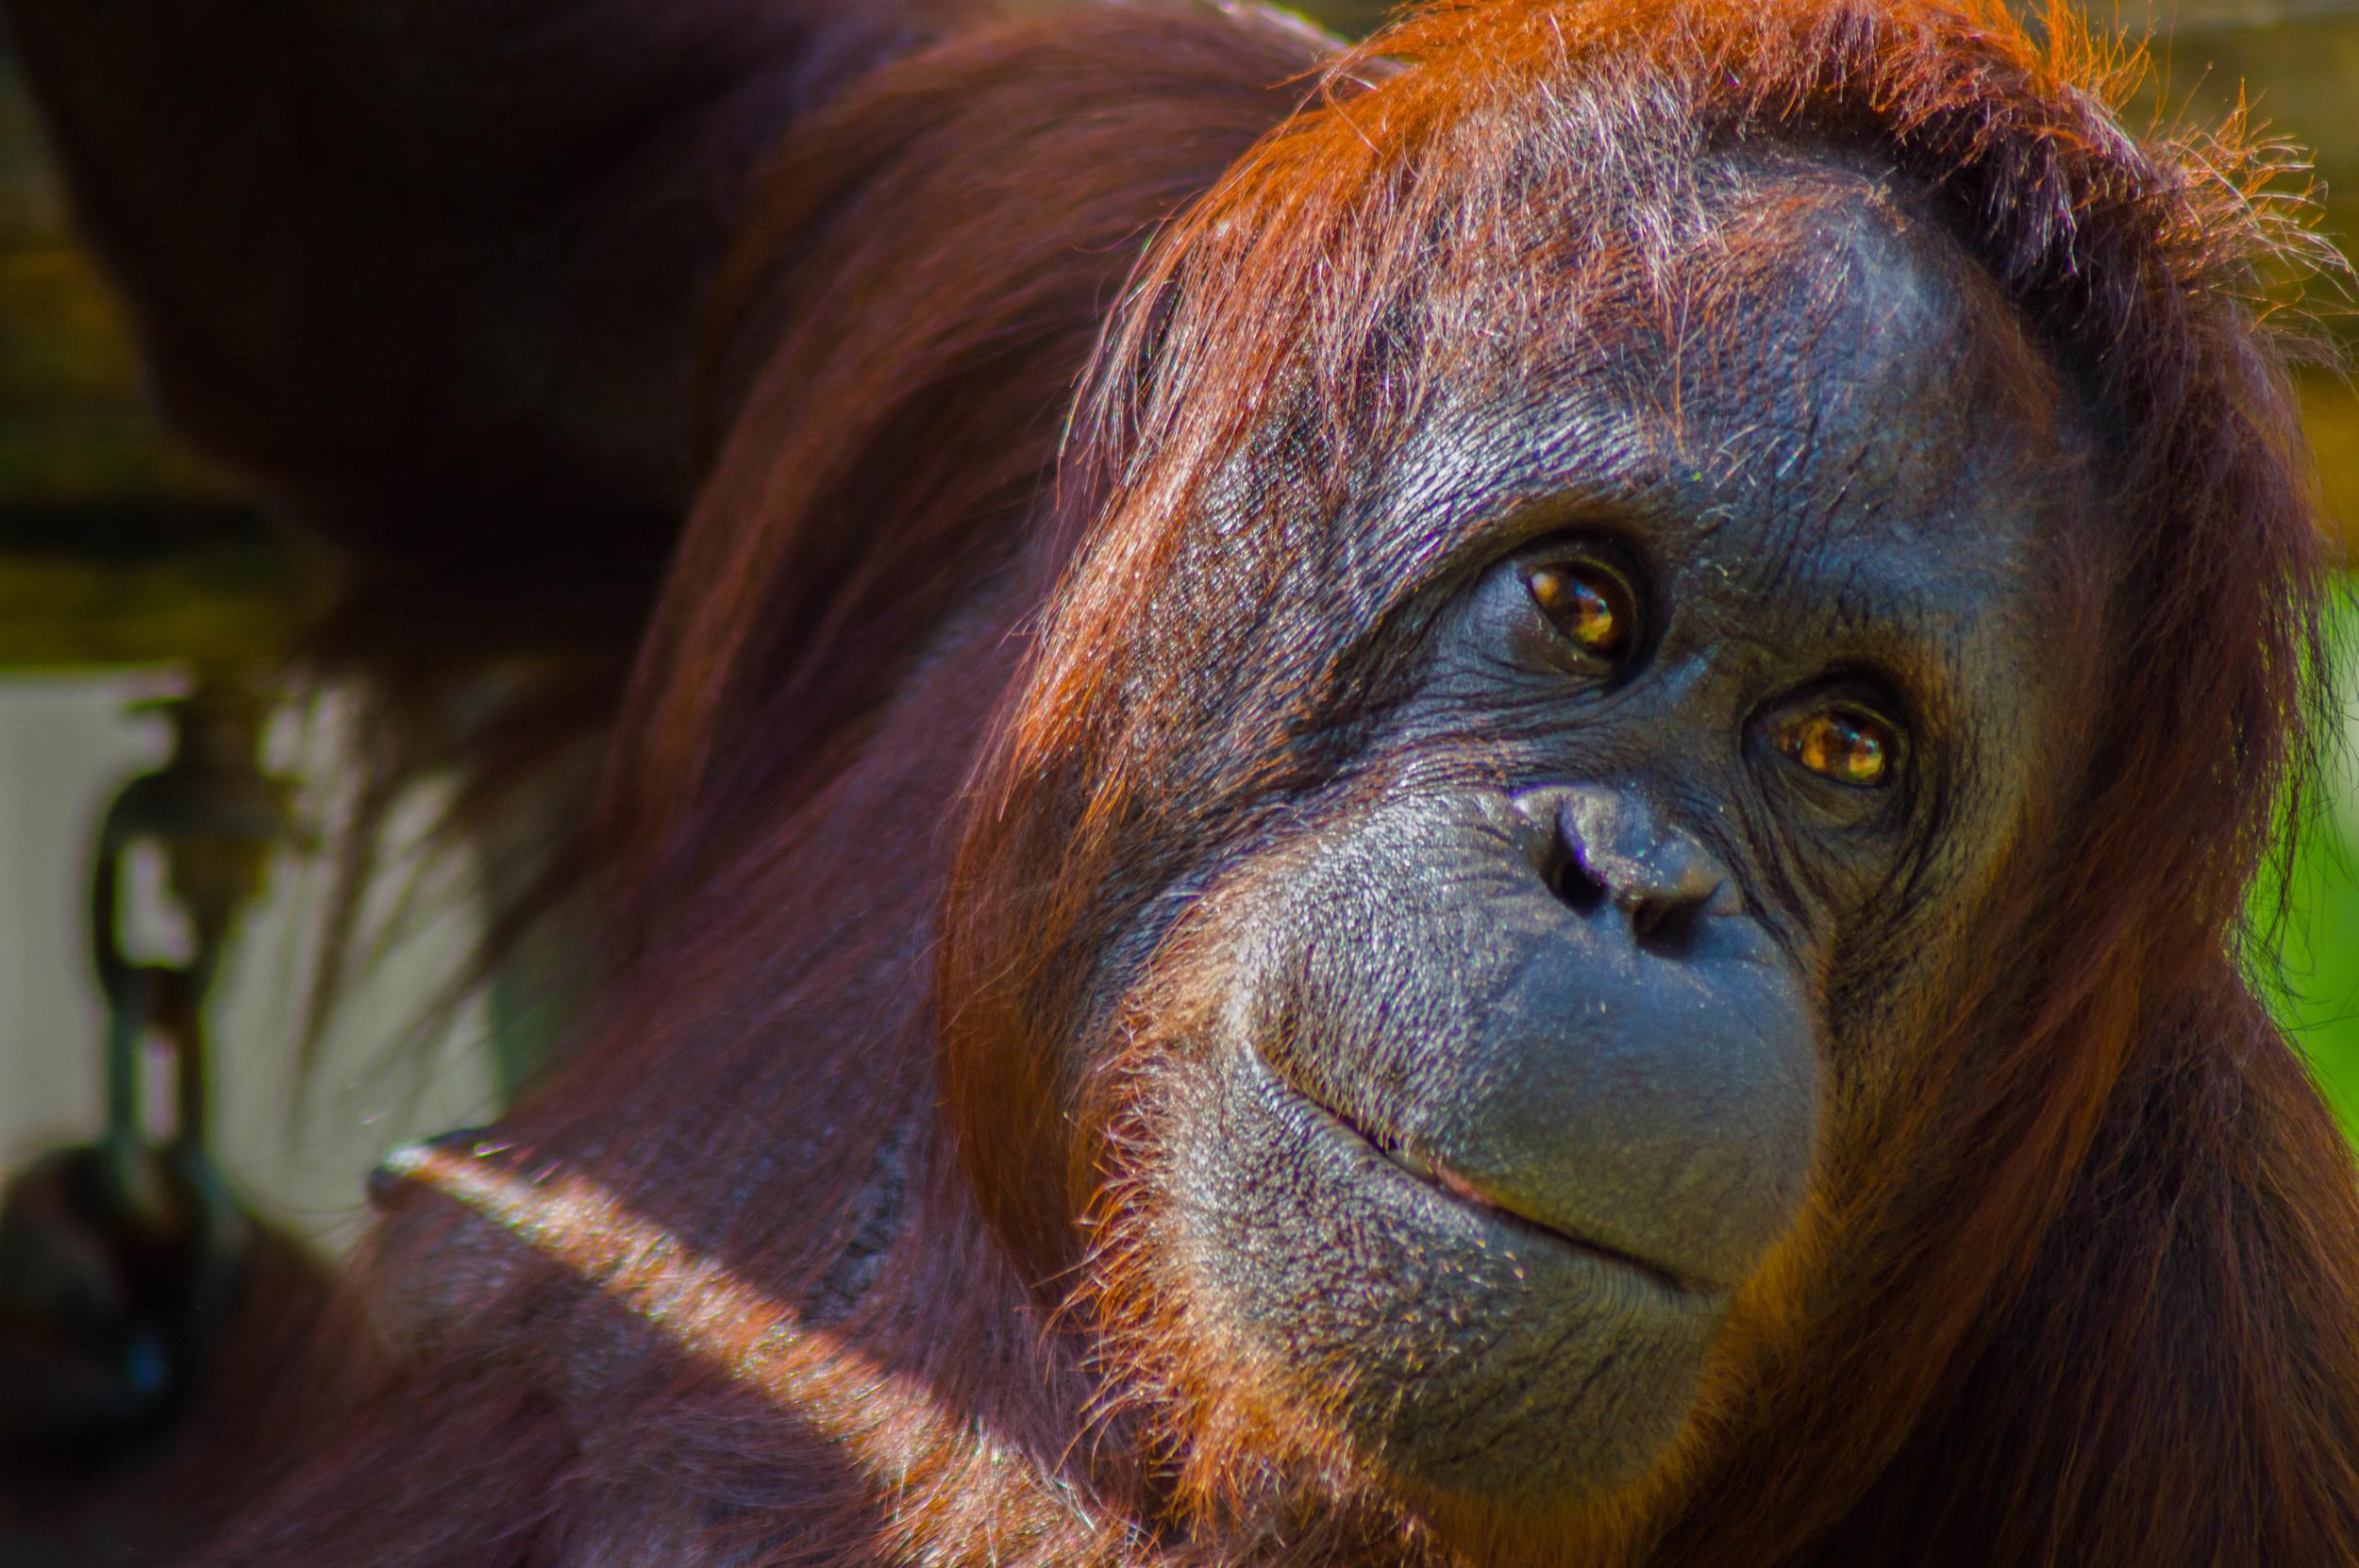 Orangutan: After